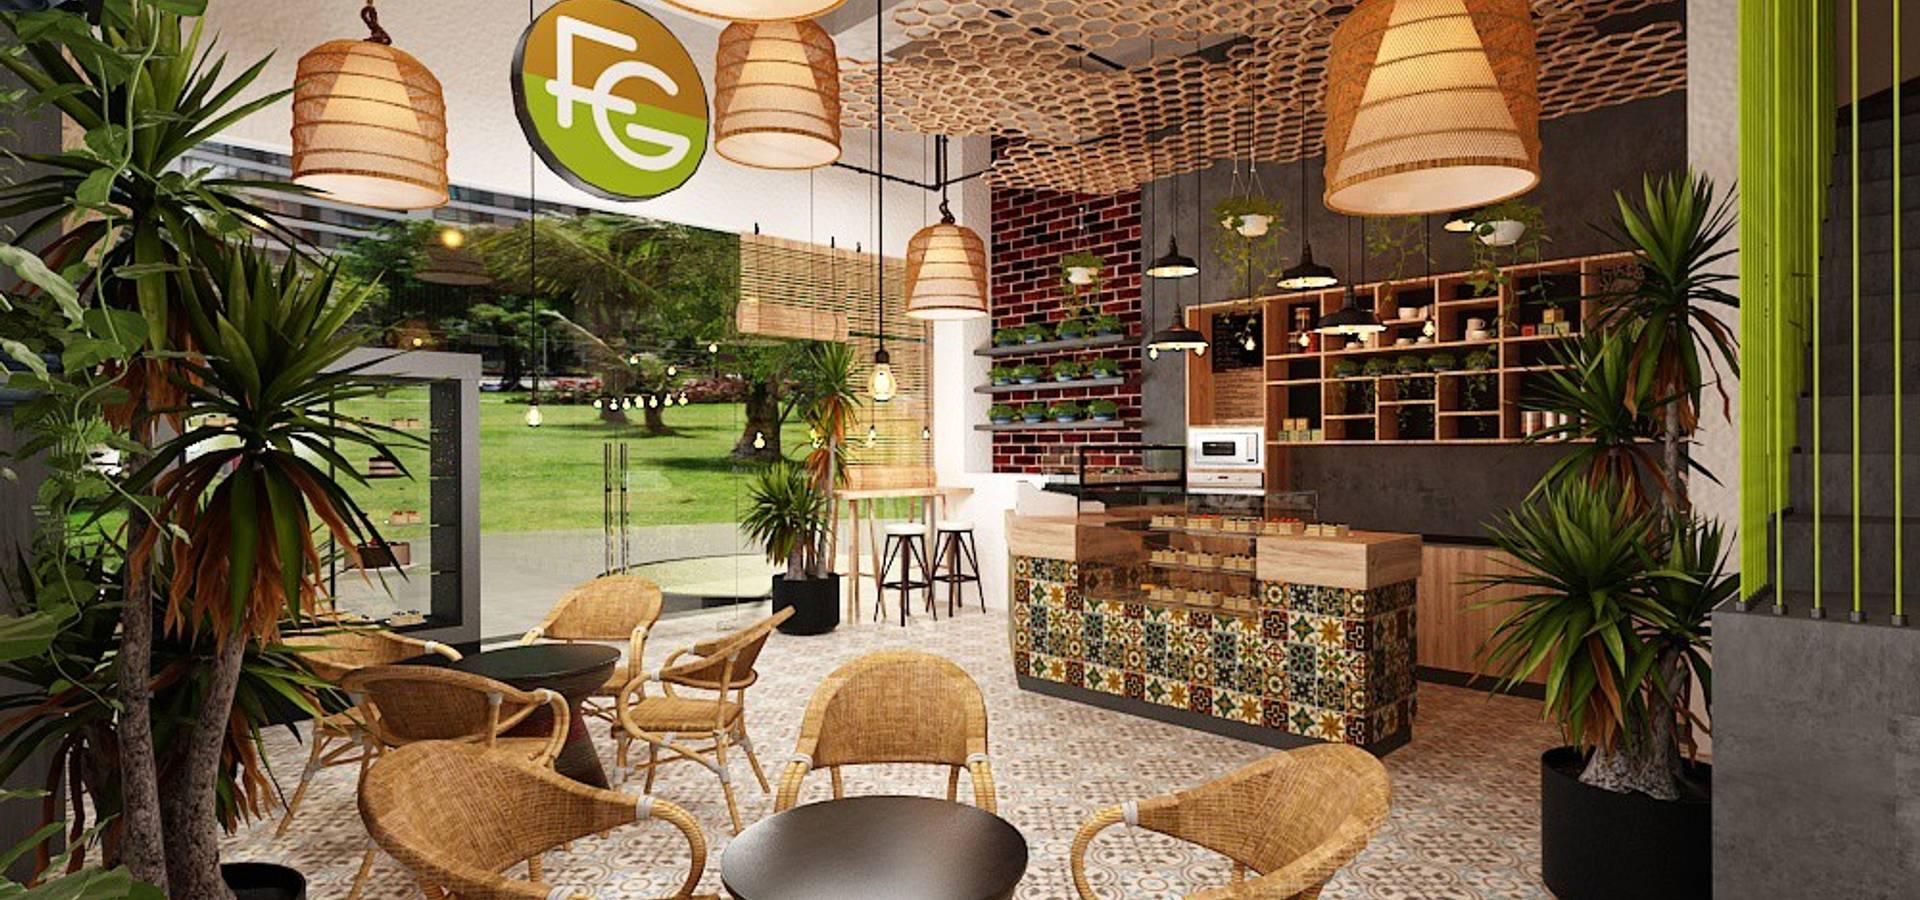 Thiết kế nội thất căn hộ An Phú Decor